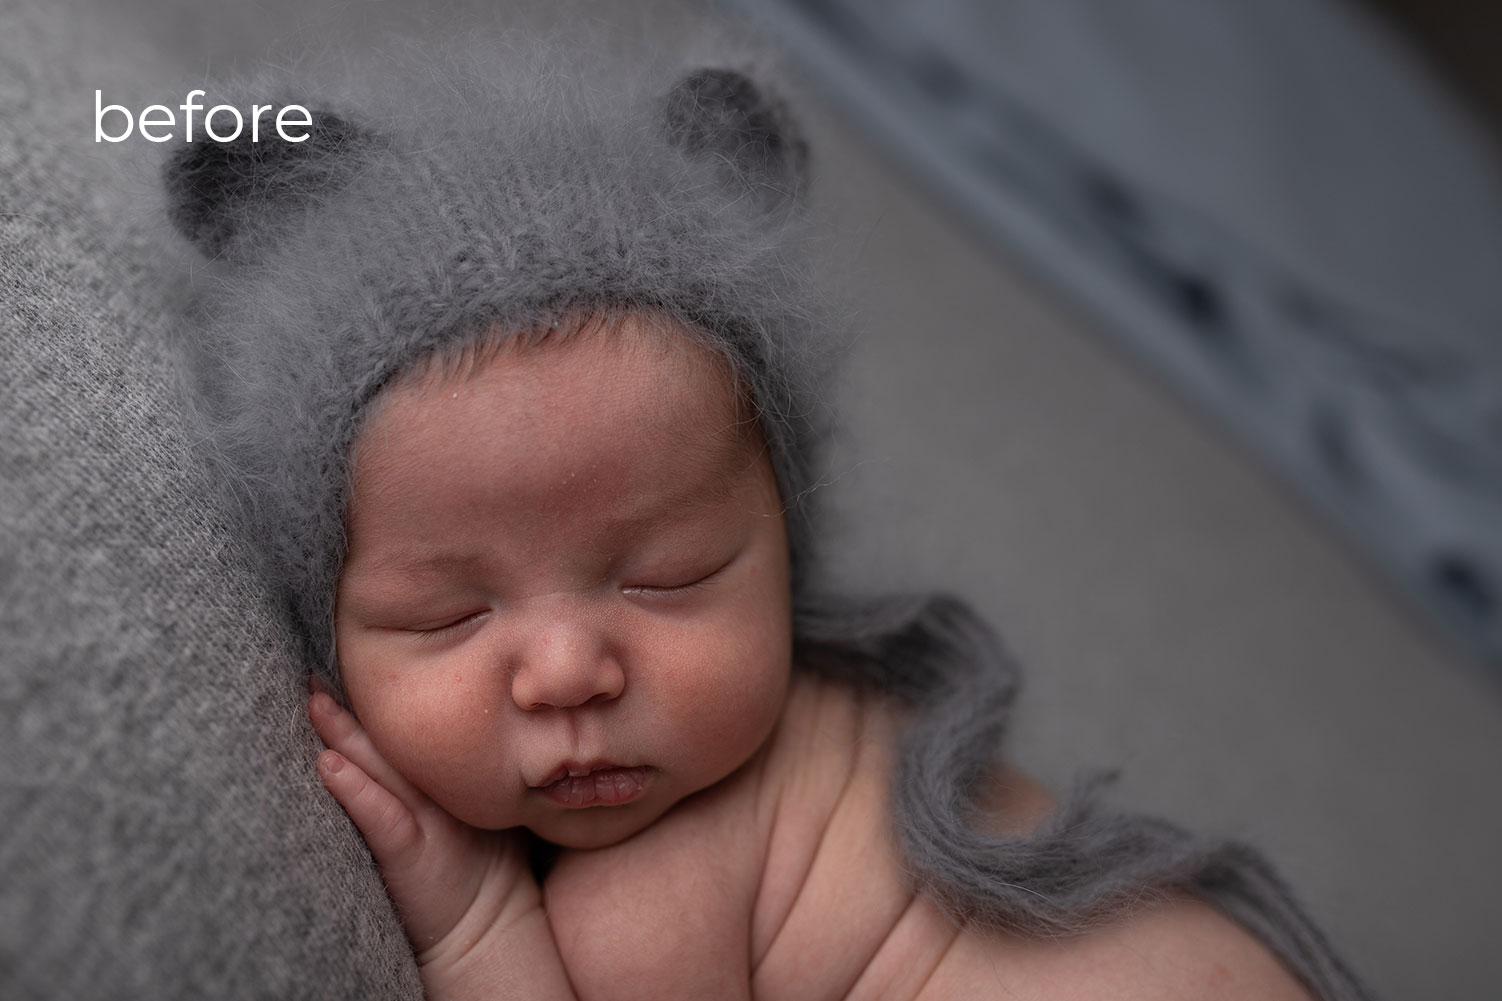 baby Photo Retouching before